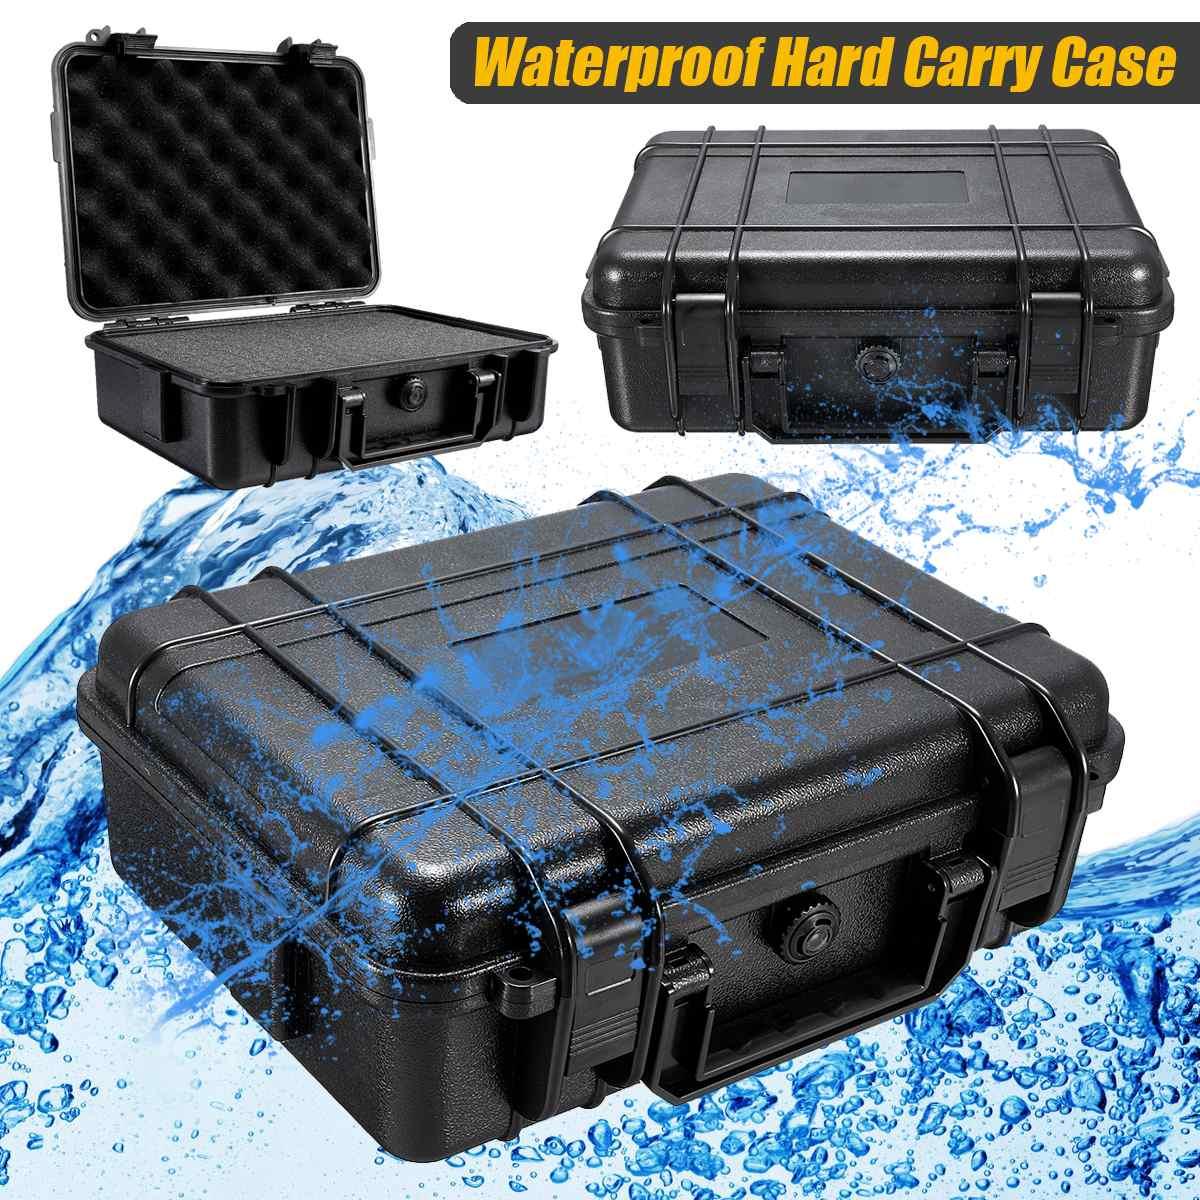 5 größen Wasserdichte Fest Tragen Fall Tasche Werkzeug Kits mit Schwamm Lagerung Box Sicherheit Protector Organizer Hardware Toolbox